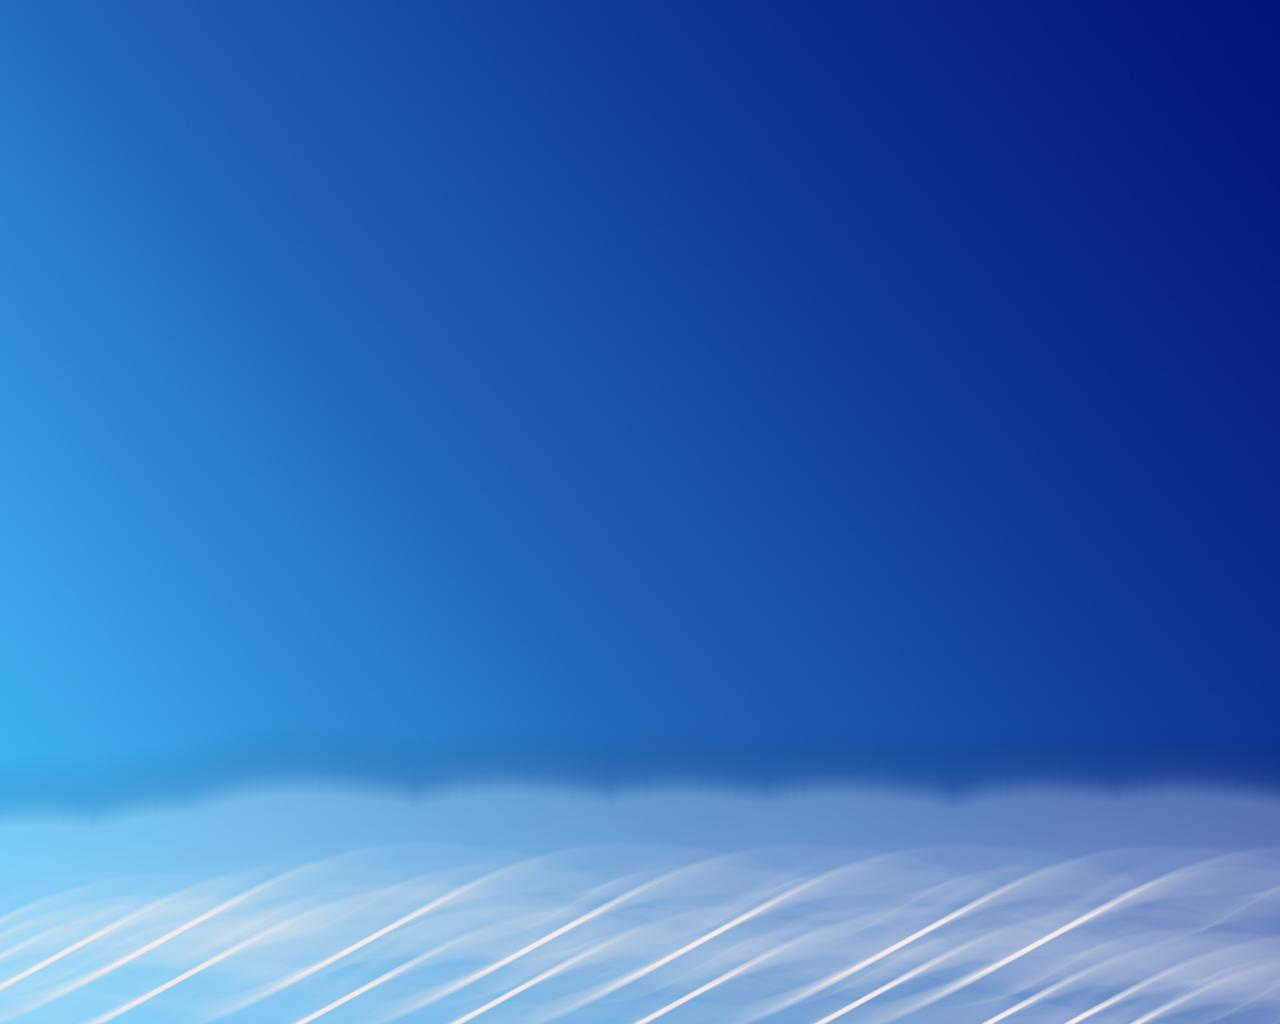 http://4.bp.blogspot.com/_uLVny0eXC74/TU-h9JPCCcI/AAAAAAAAAMU/tP2JbpUJ7iM/s1600/img-wallpapers-birdy-soft-ceephaxacid-3592.jpg